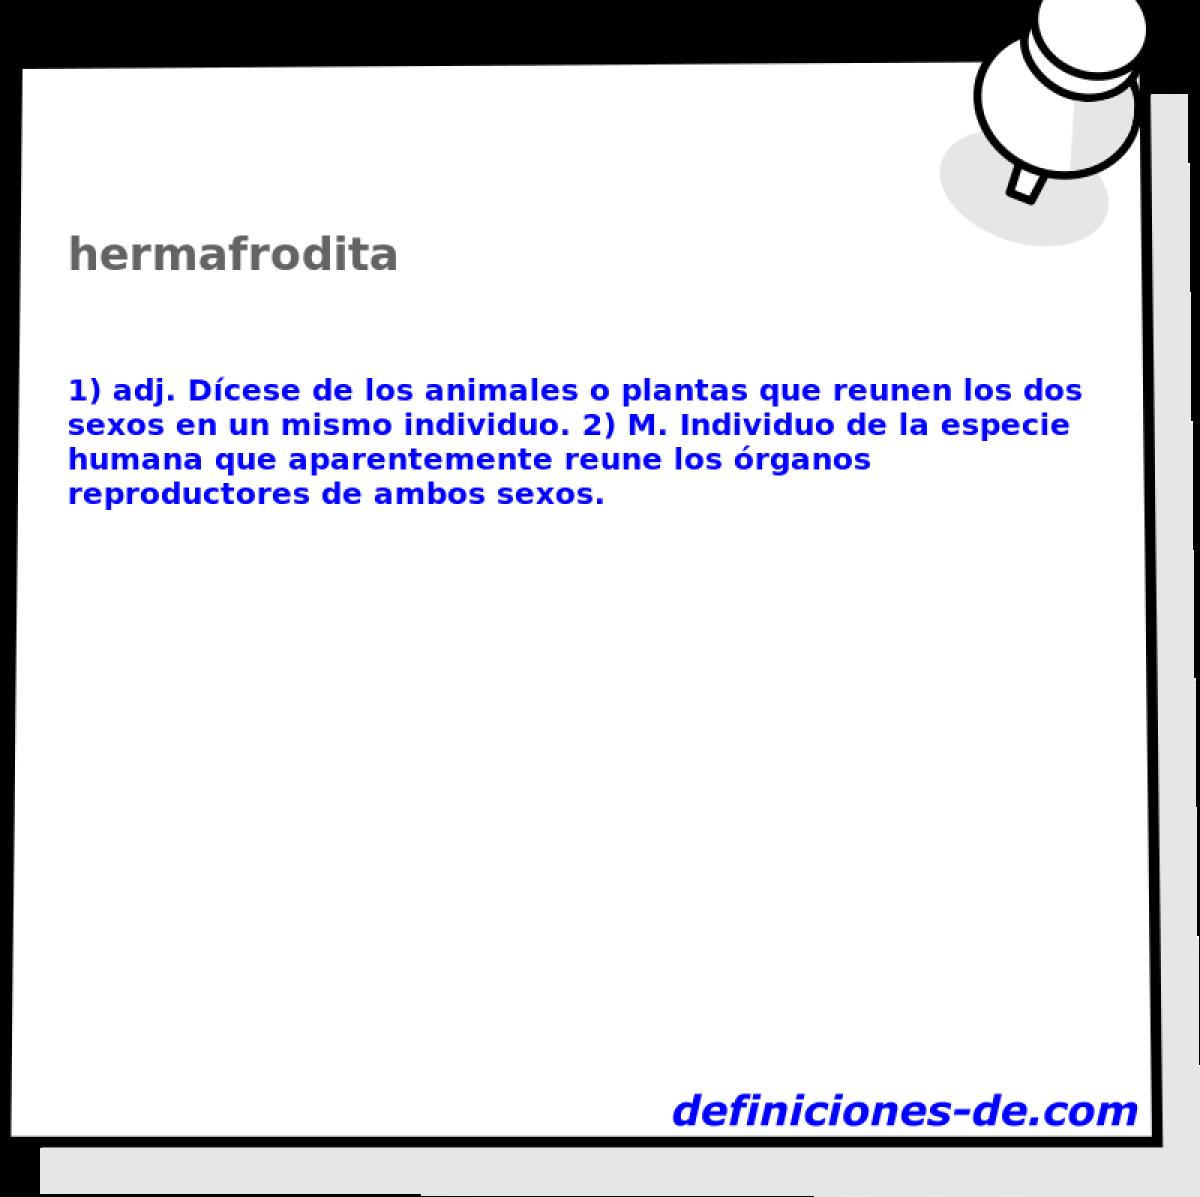 Qué significa Hermafrodita?